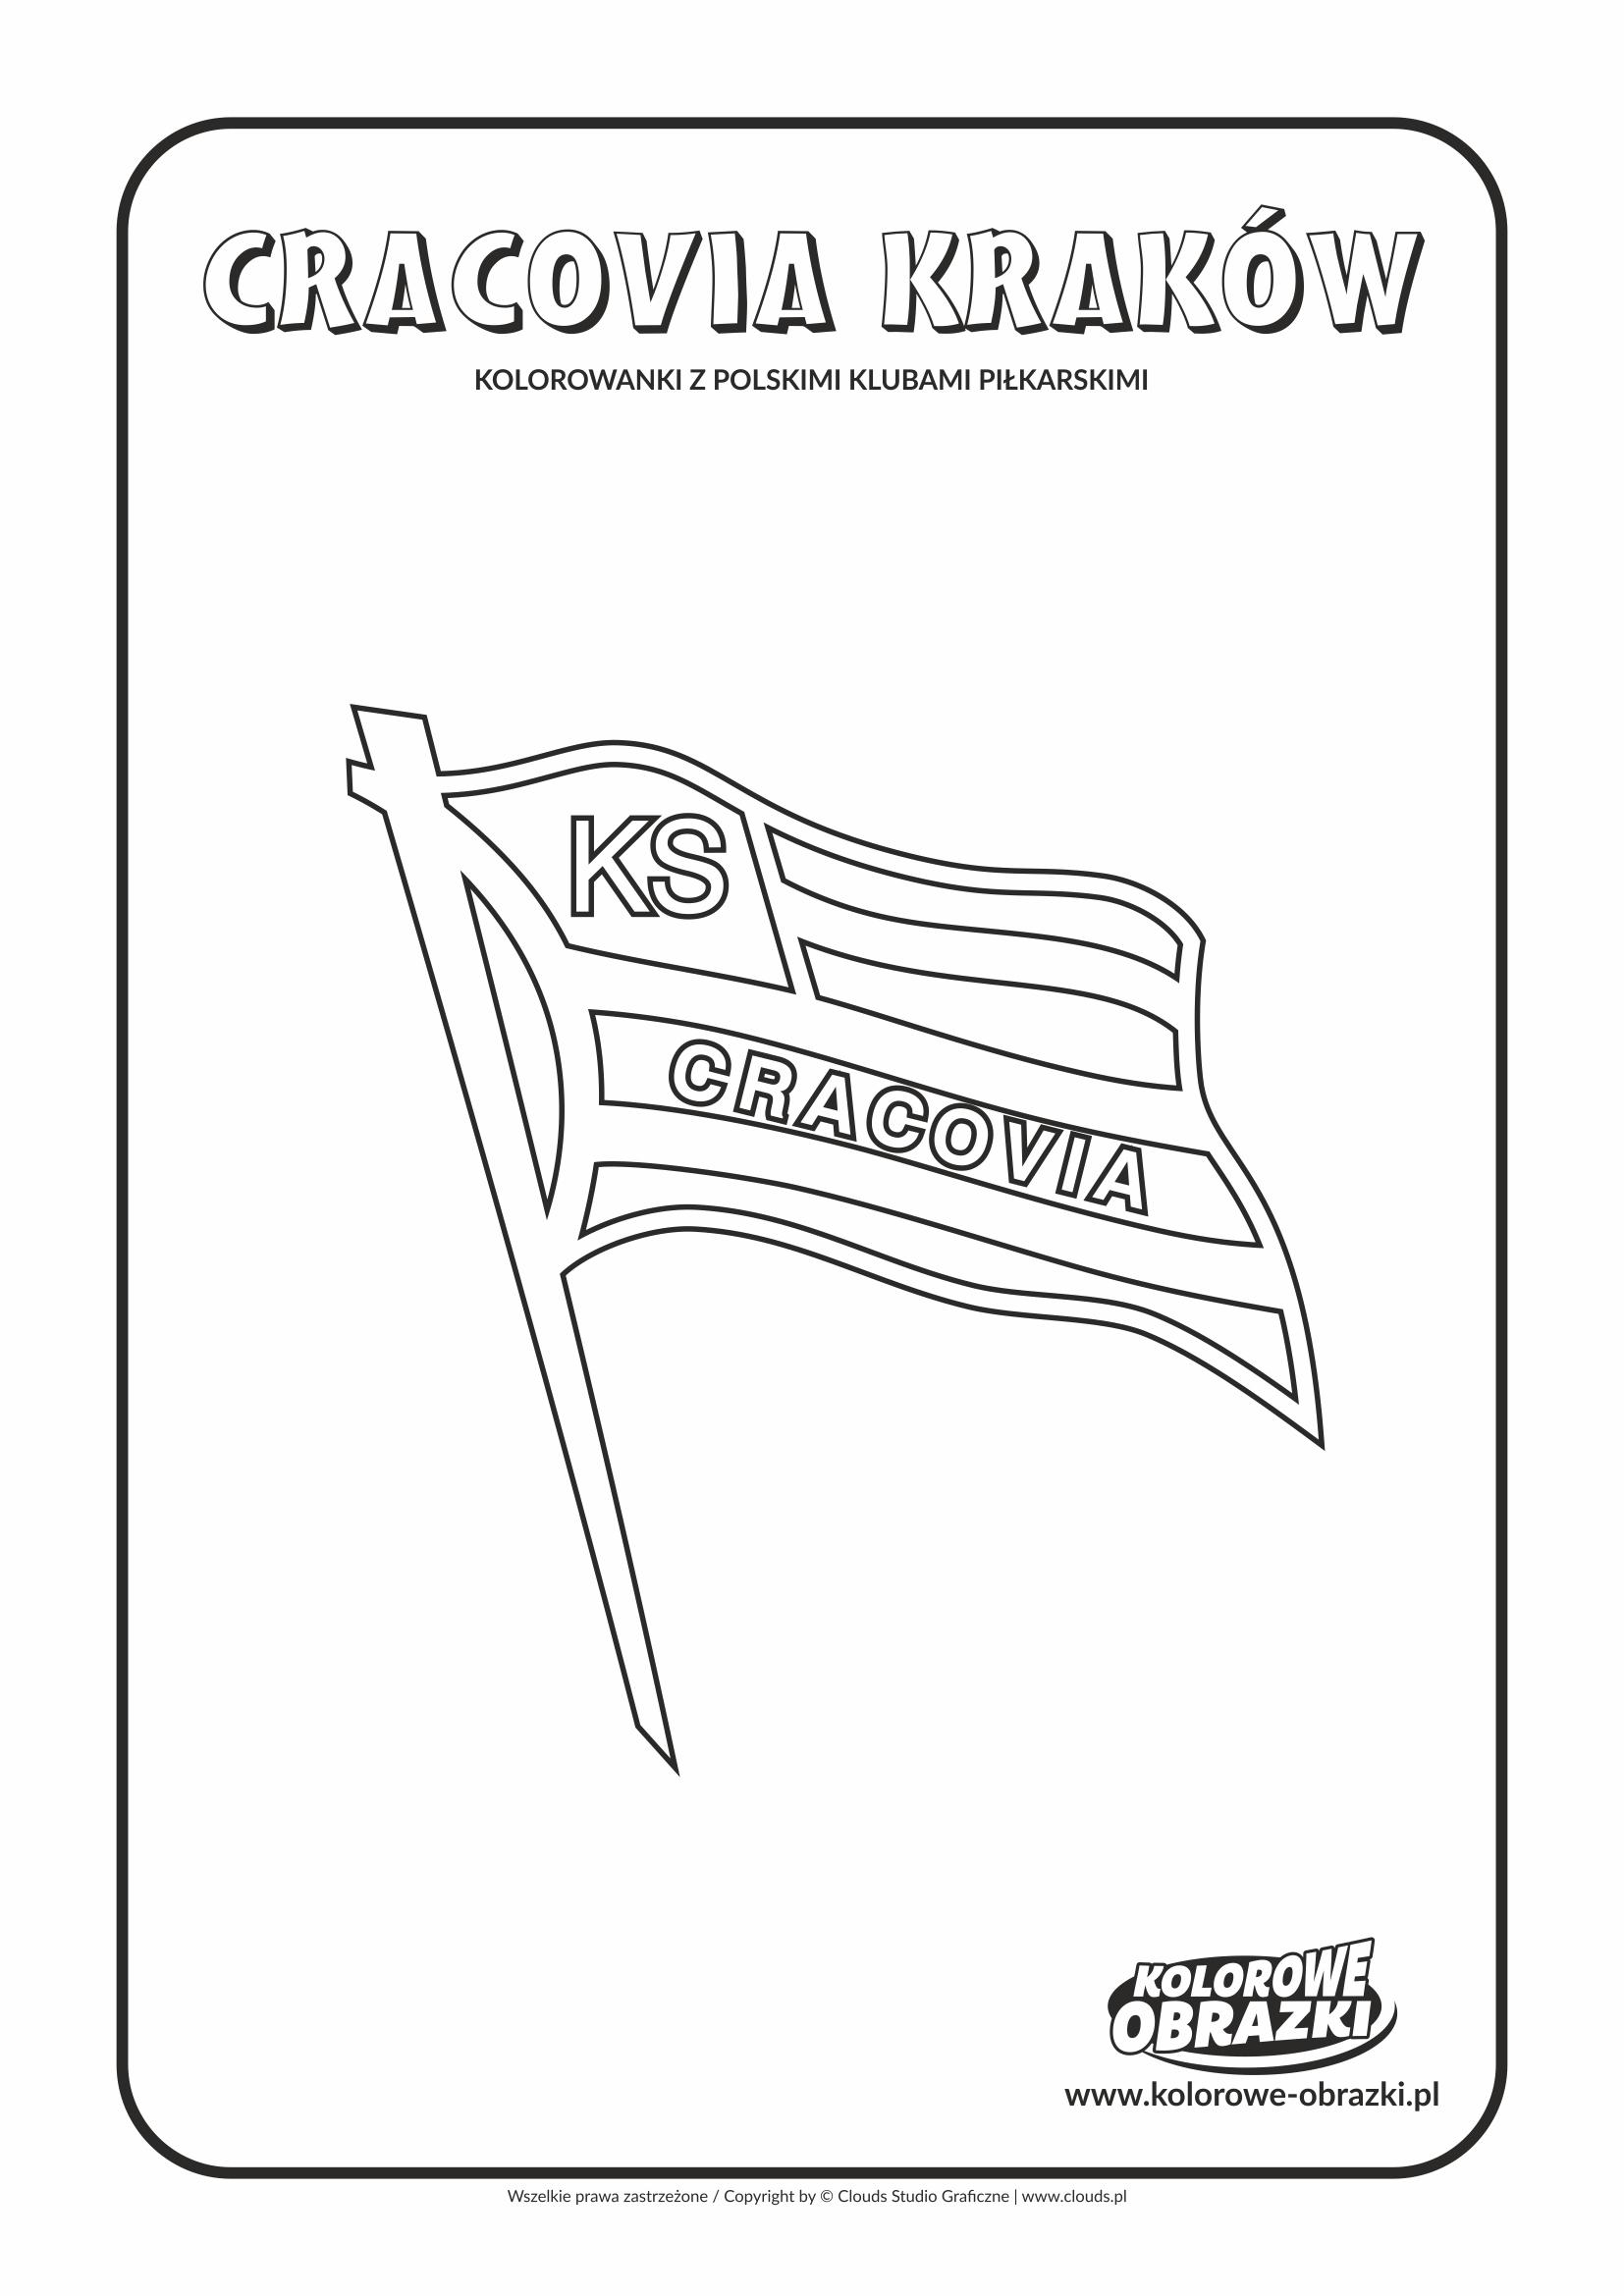 Kolorowanki dla dzieci - Polskie kluby piłkarskie / Cracovia Kraków. Kolorowanka z polskimi klubami piłkarskimi